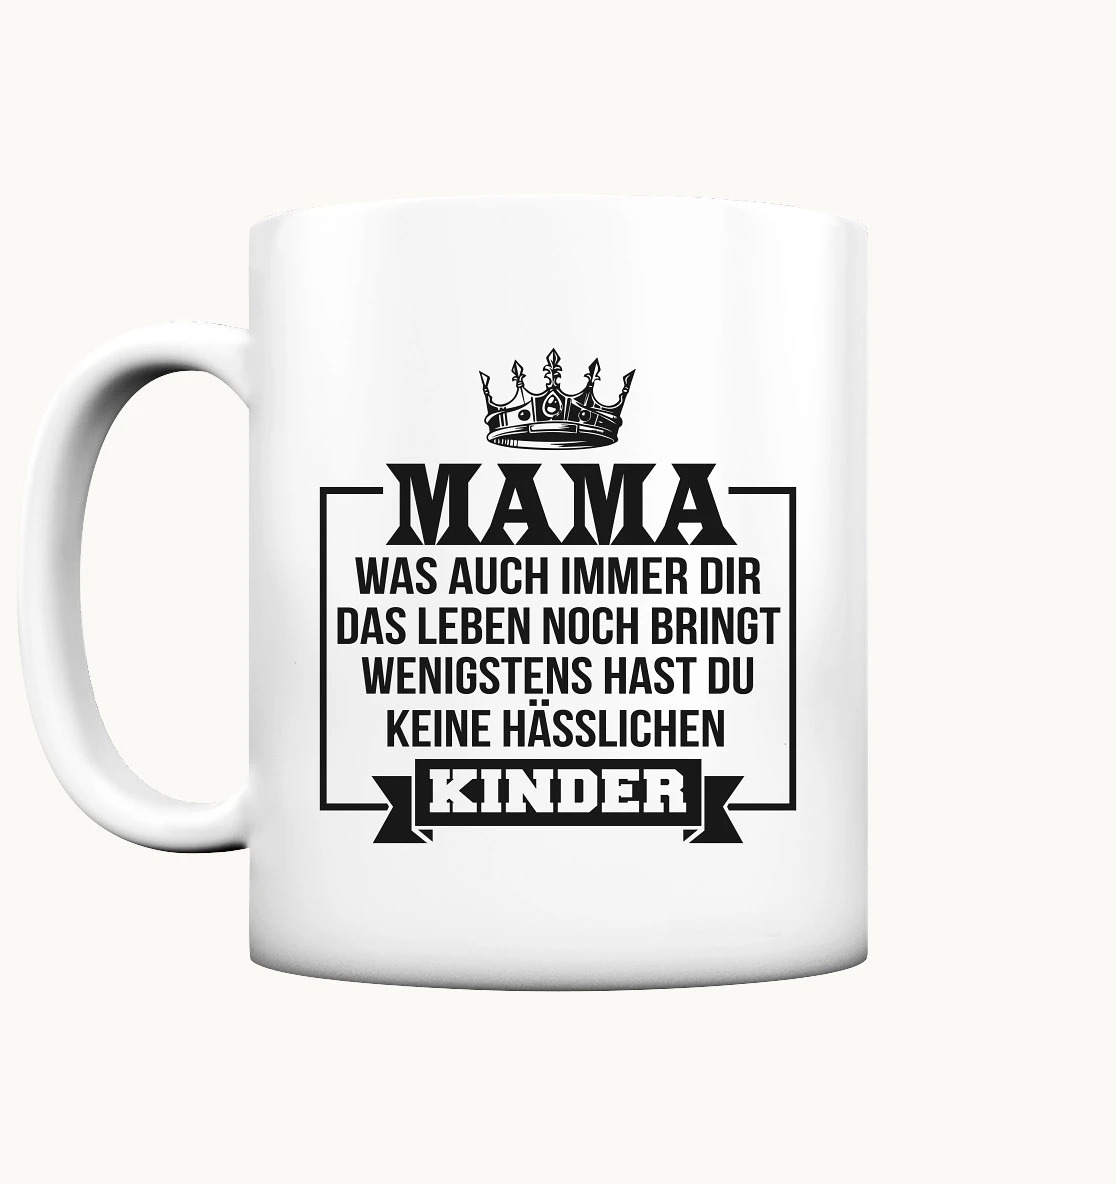 Mama was auch immer dir das leben noch bringt we wenigstens hast du keine hässlichen kinder tasse matt 1